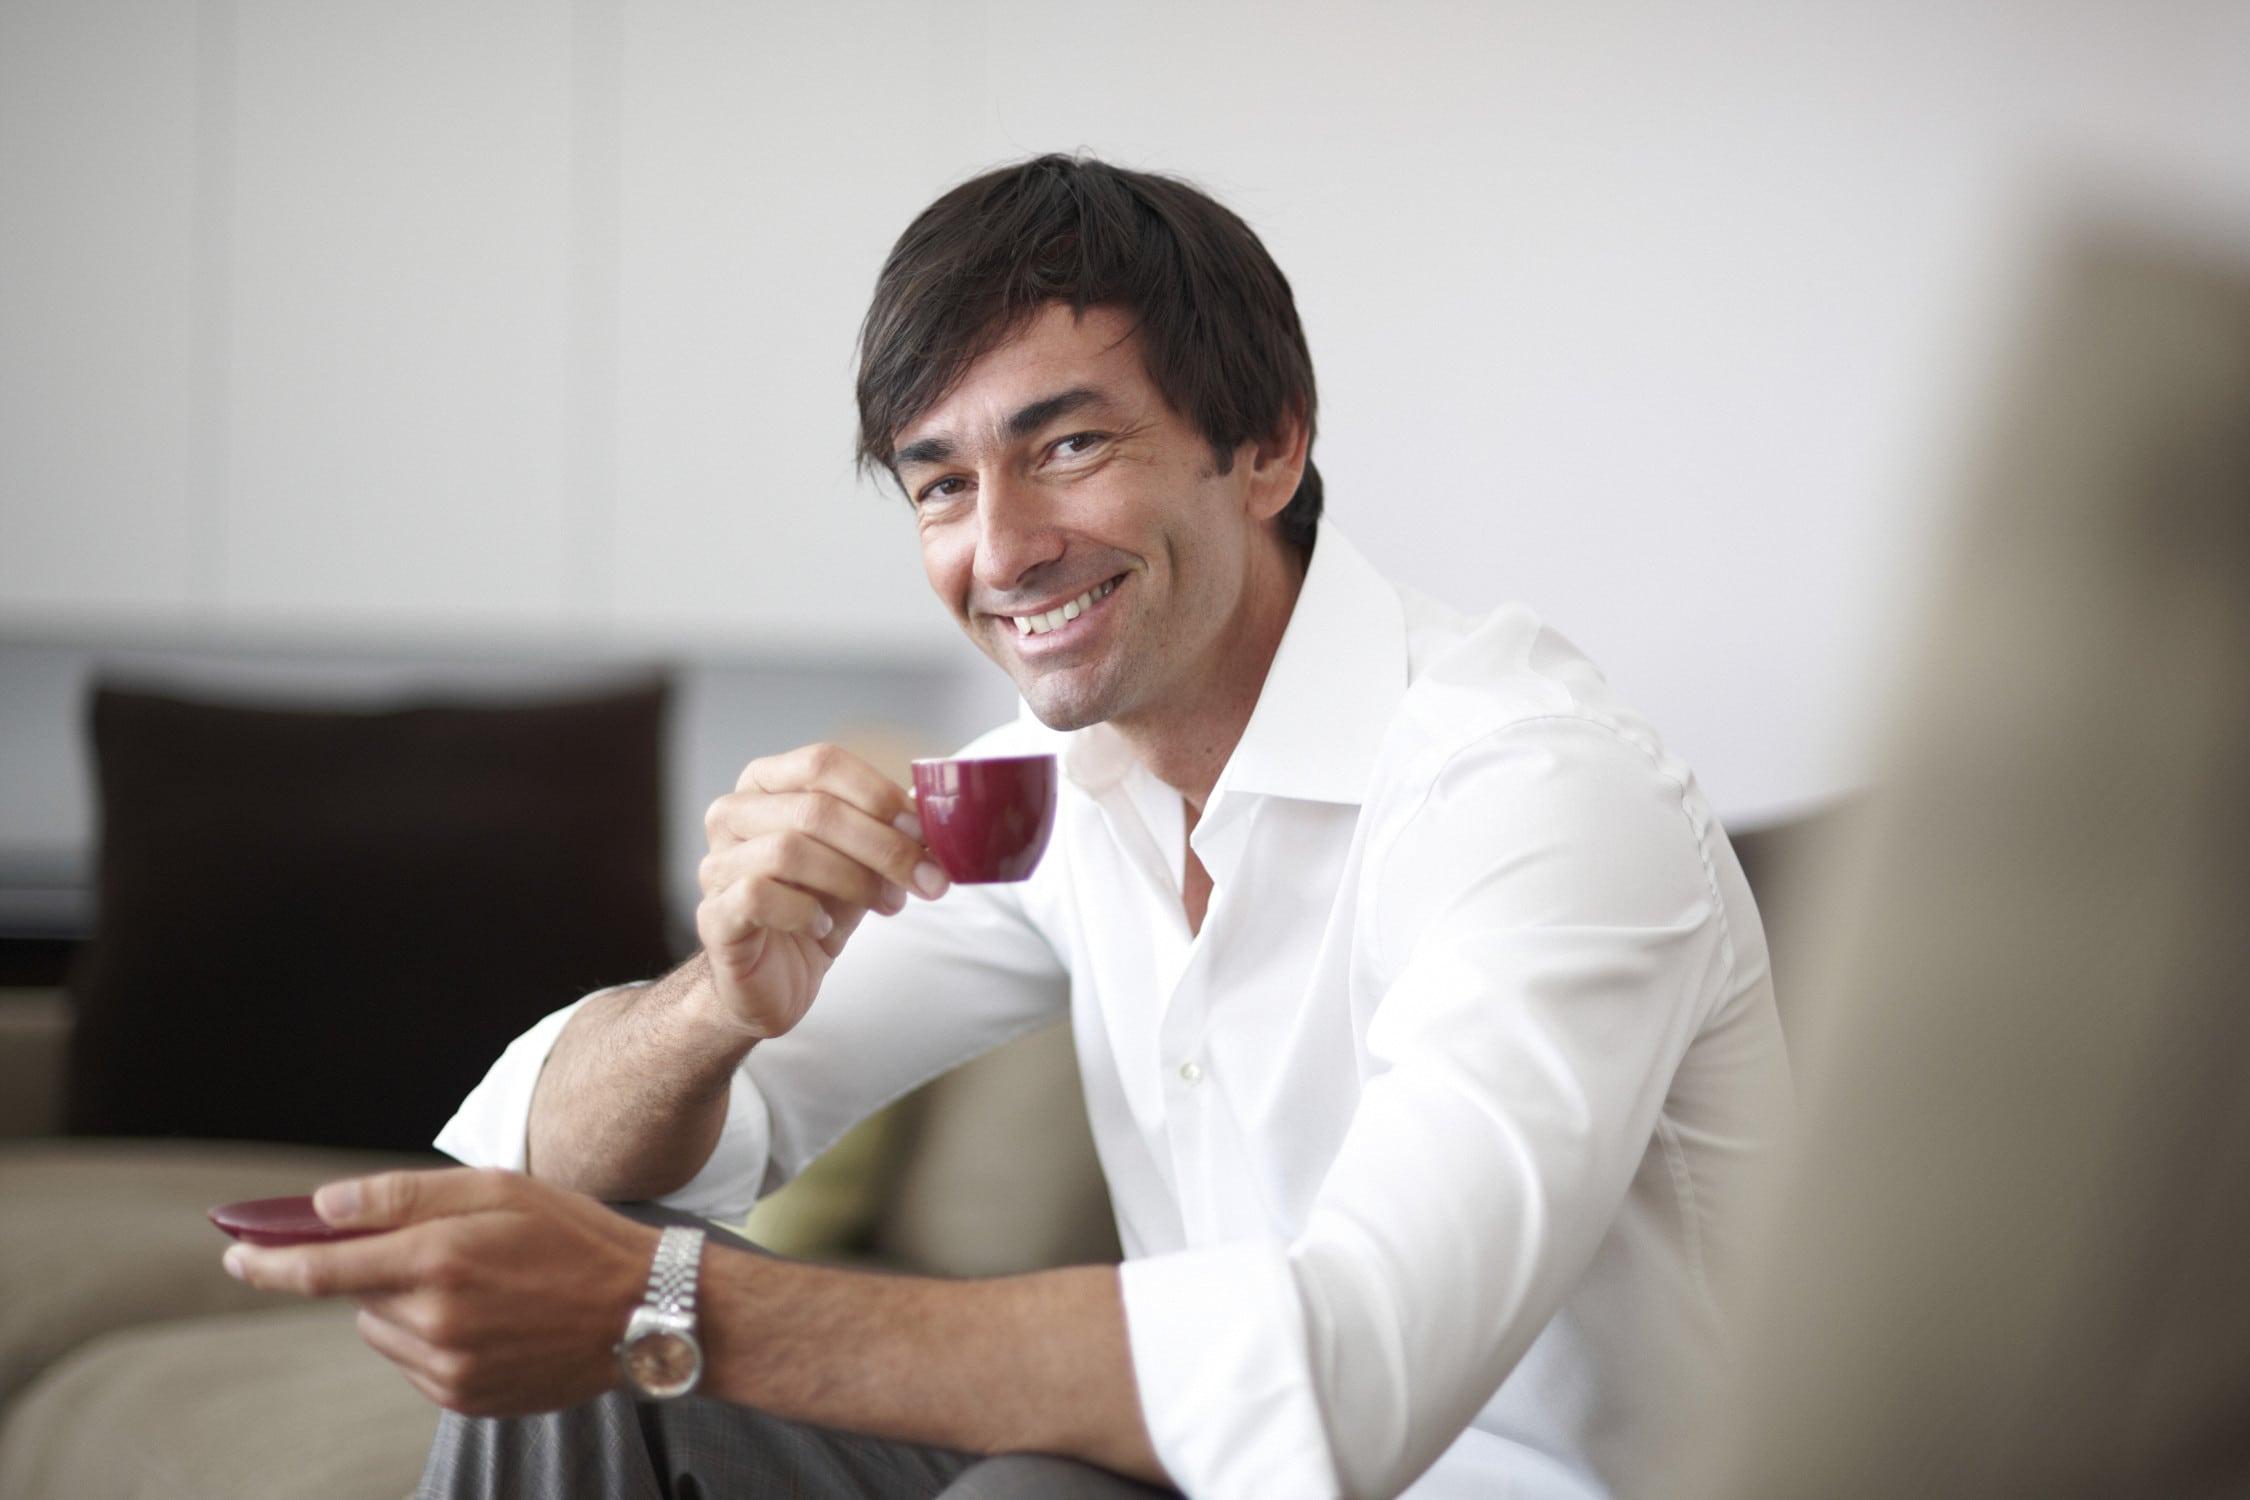 Entspannter Mann genießt seinen Kaffe auf seiner Couch